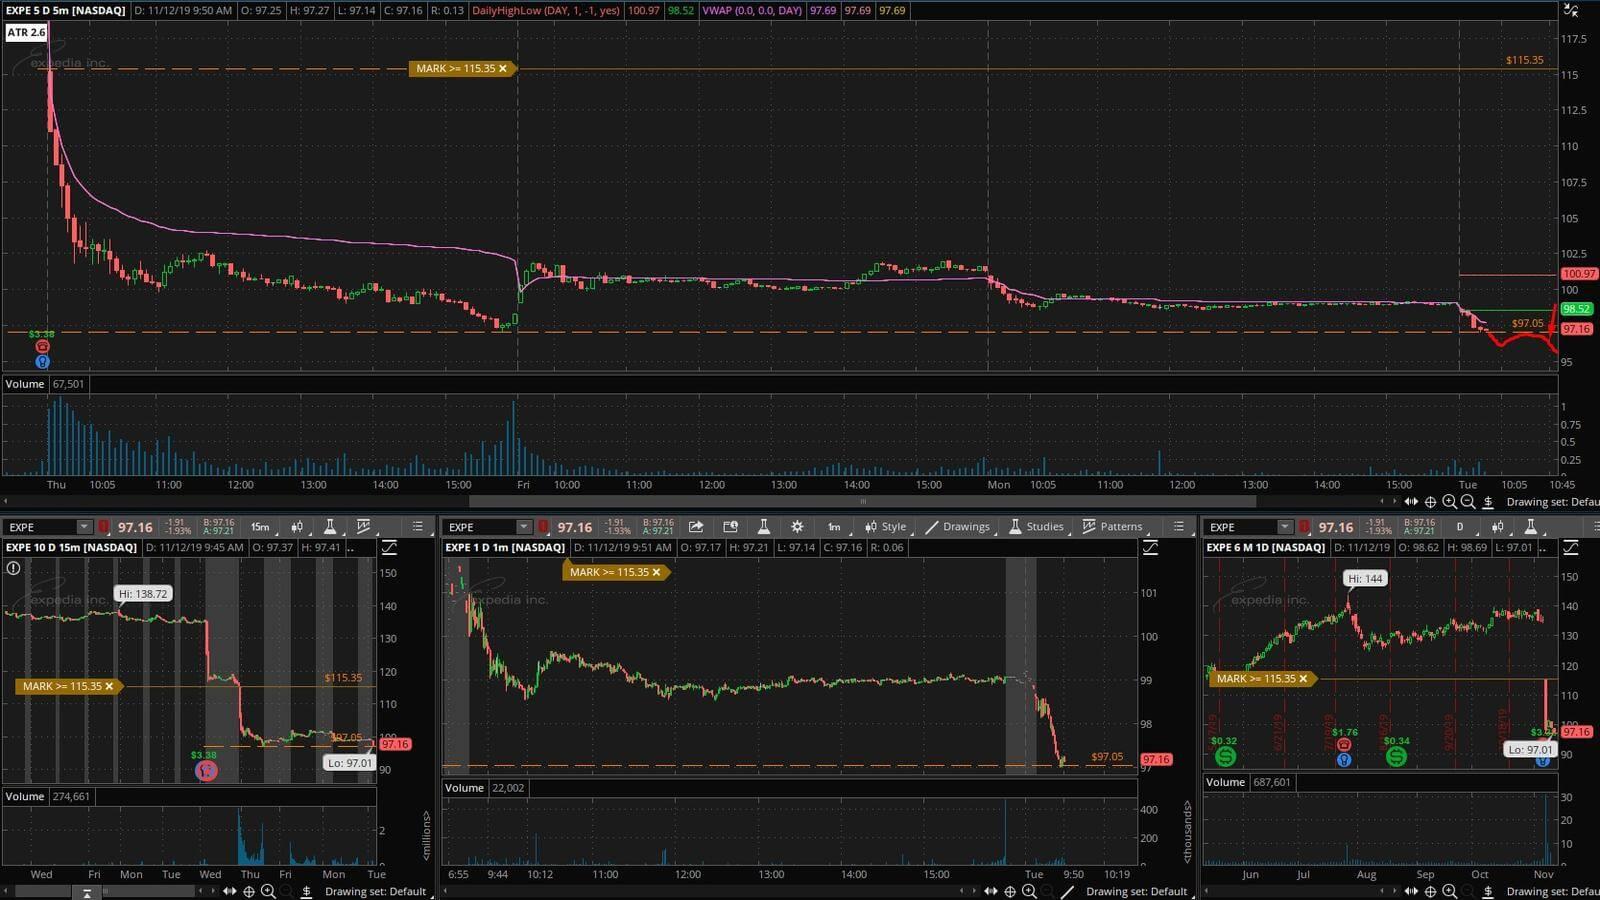 EXPE - график акции на фондовой бирже